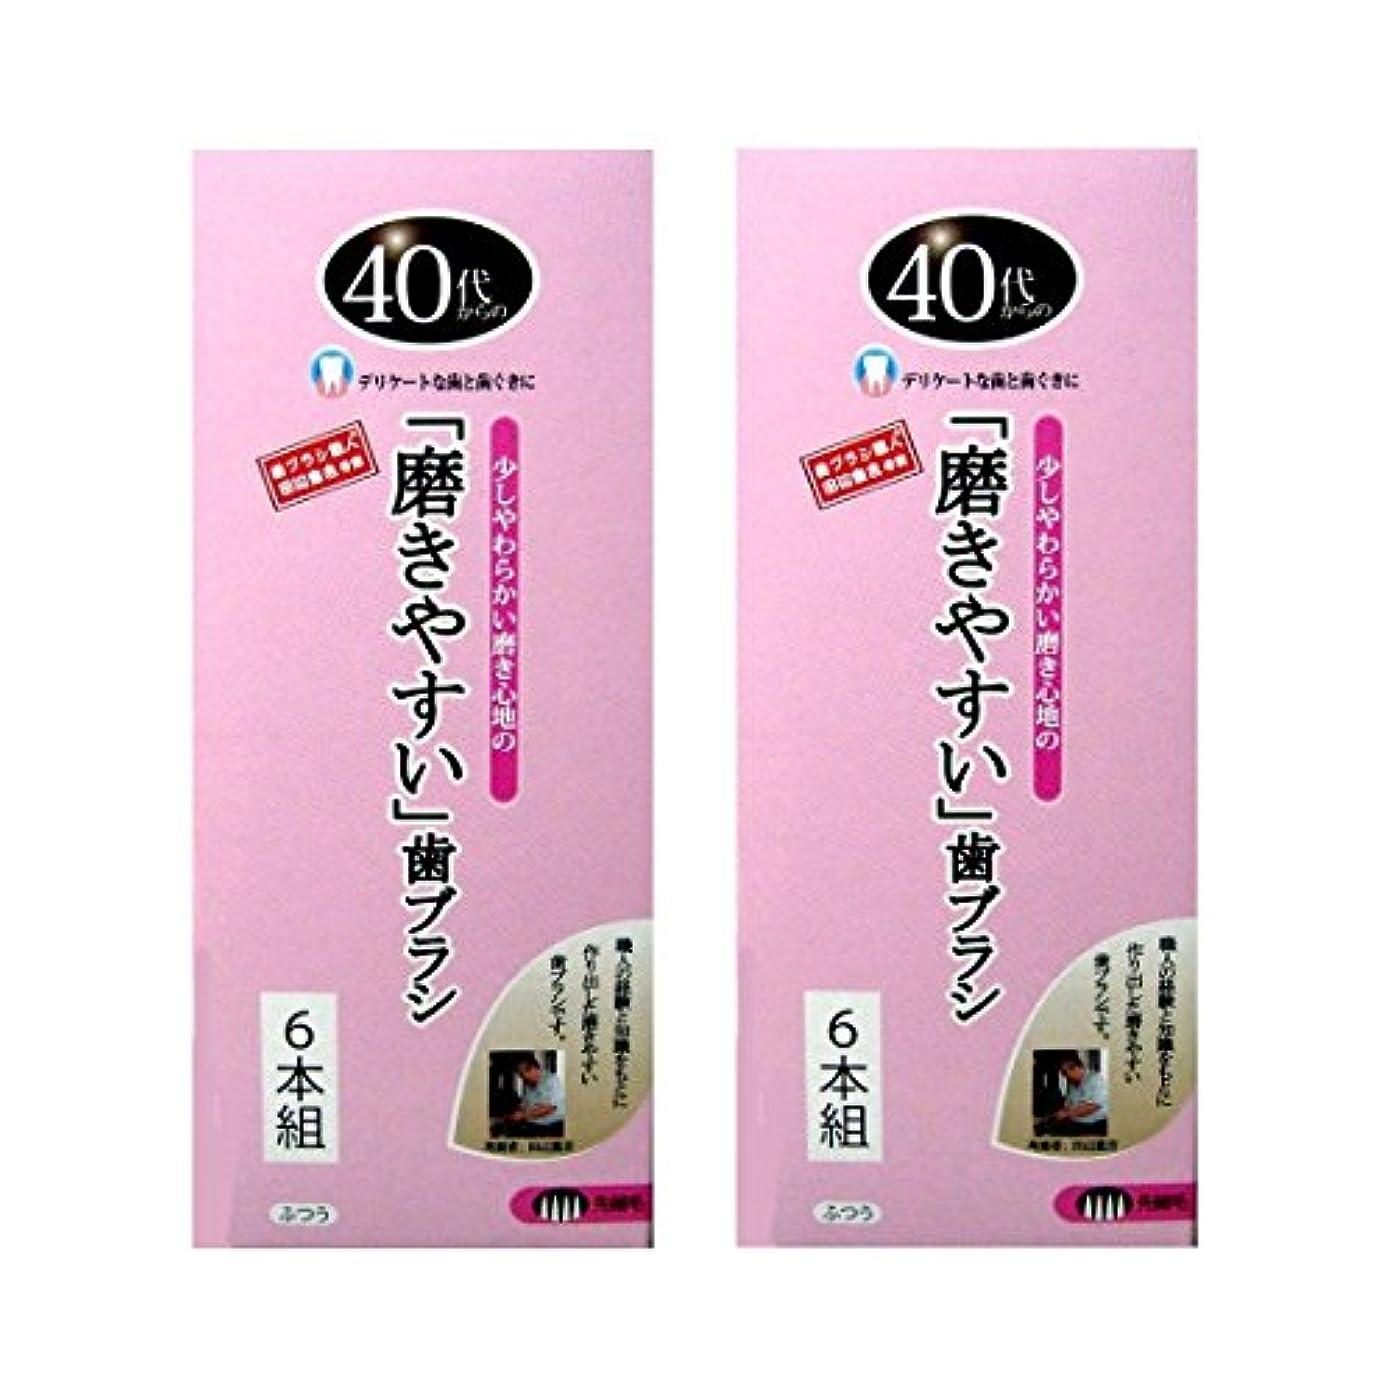 知恵悪いジョガー歯ブラシ職人 田辺重吉考案 40代からの磨きやすい歯ブラシ 先細 6本組×2個セット